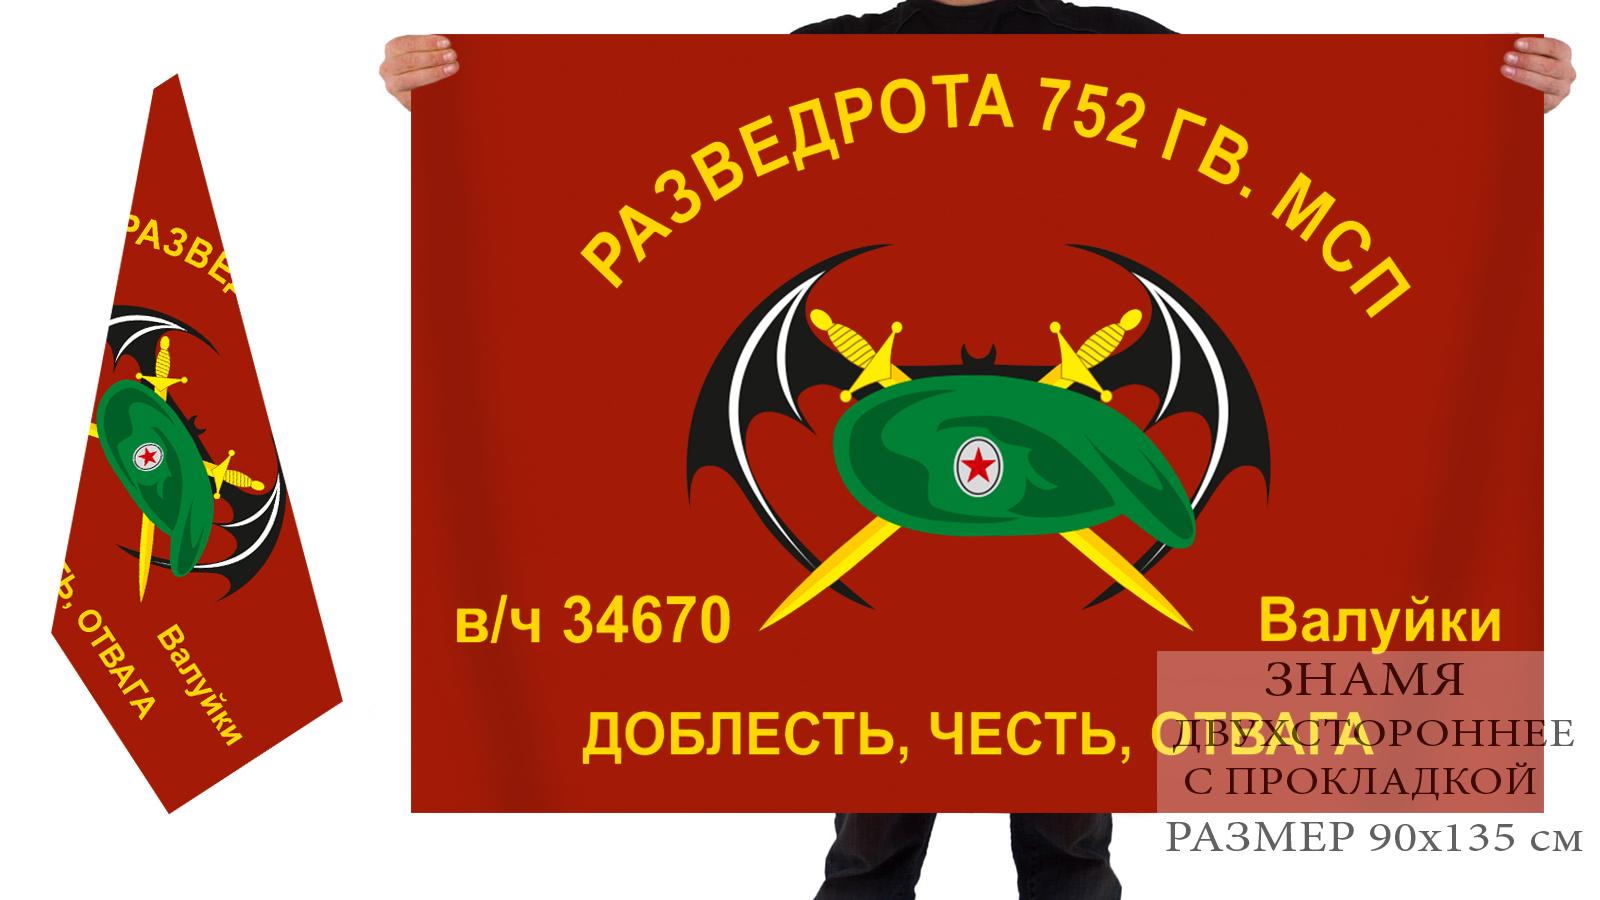 Двусторонний флаг Разведроты 752 Гв. МСП